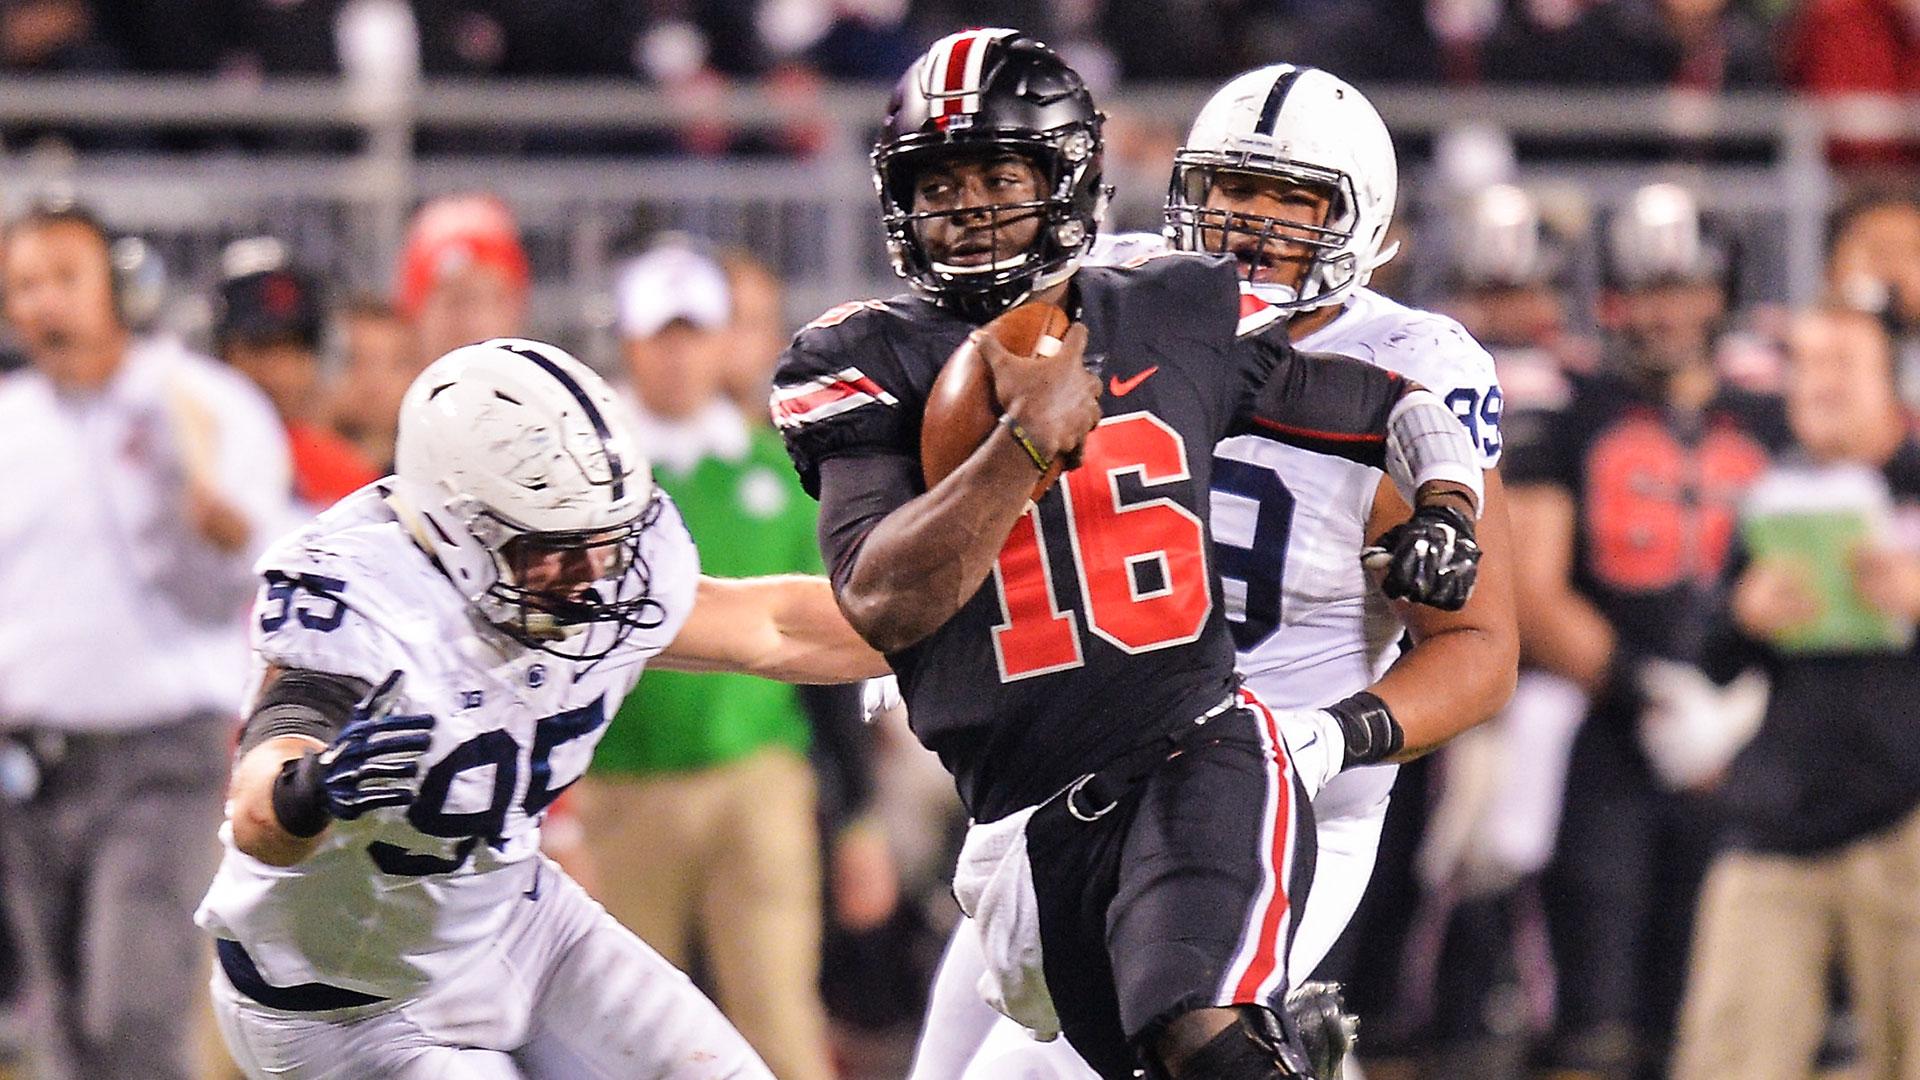 J T Barrett Named Starting Quarterback For Ohio State